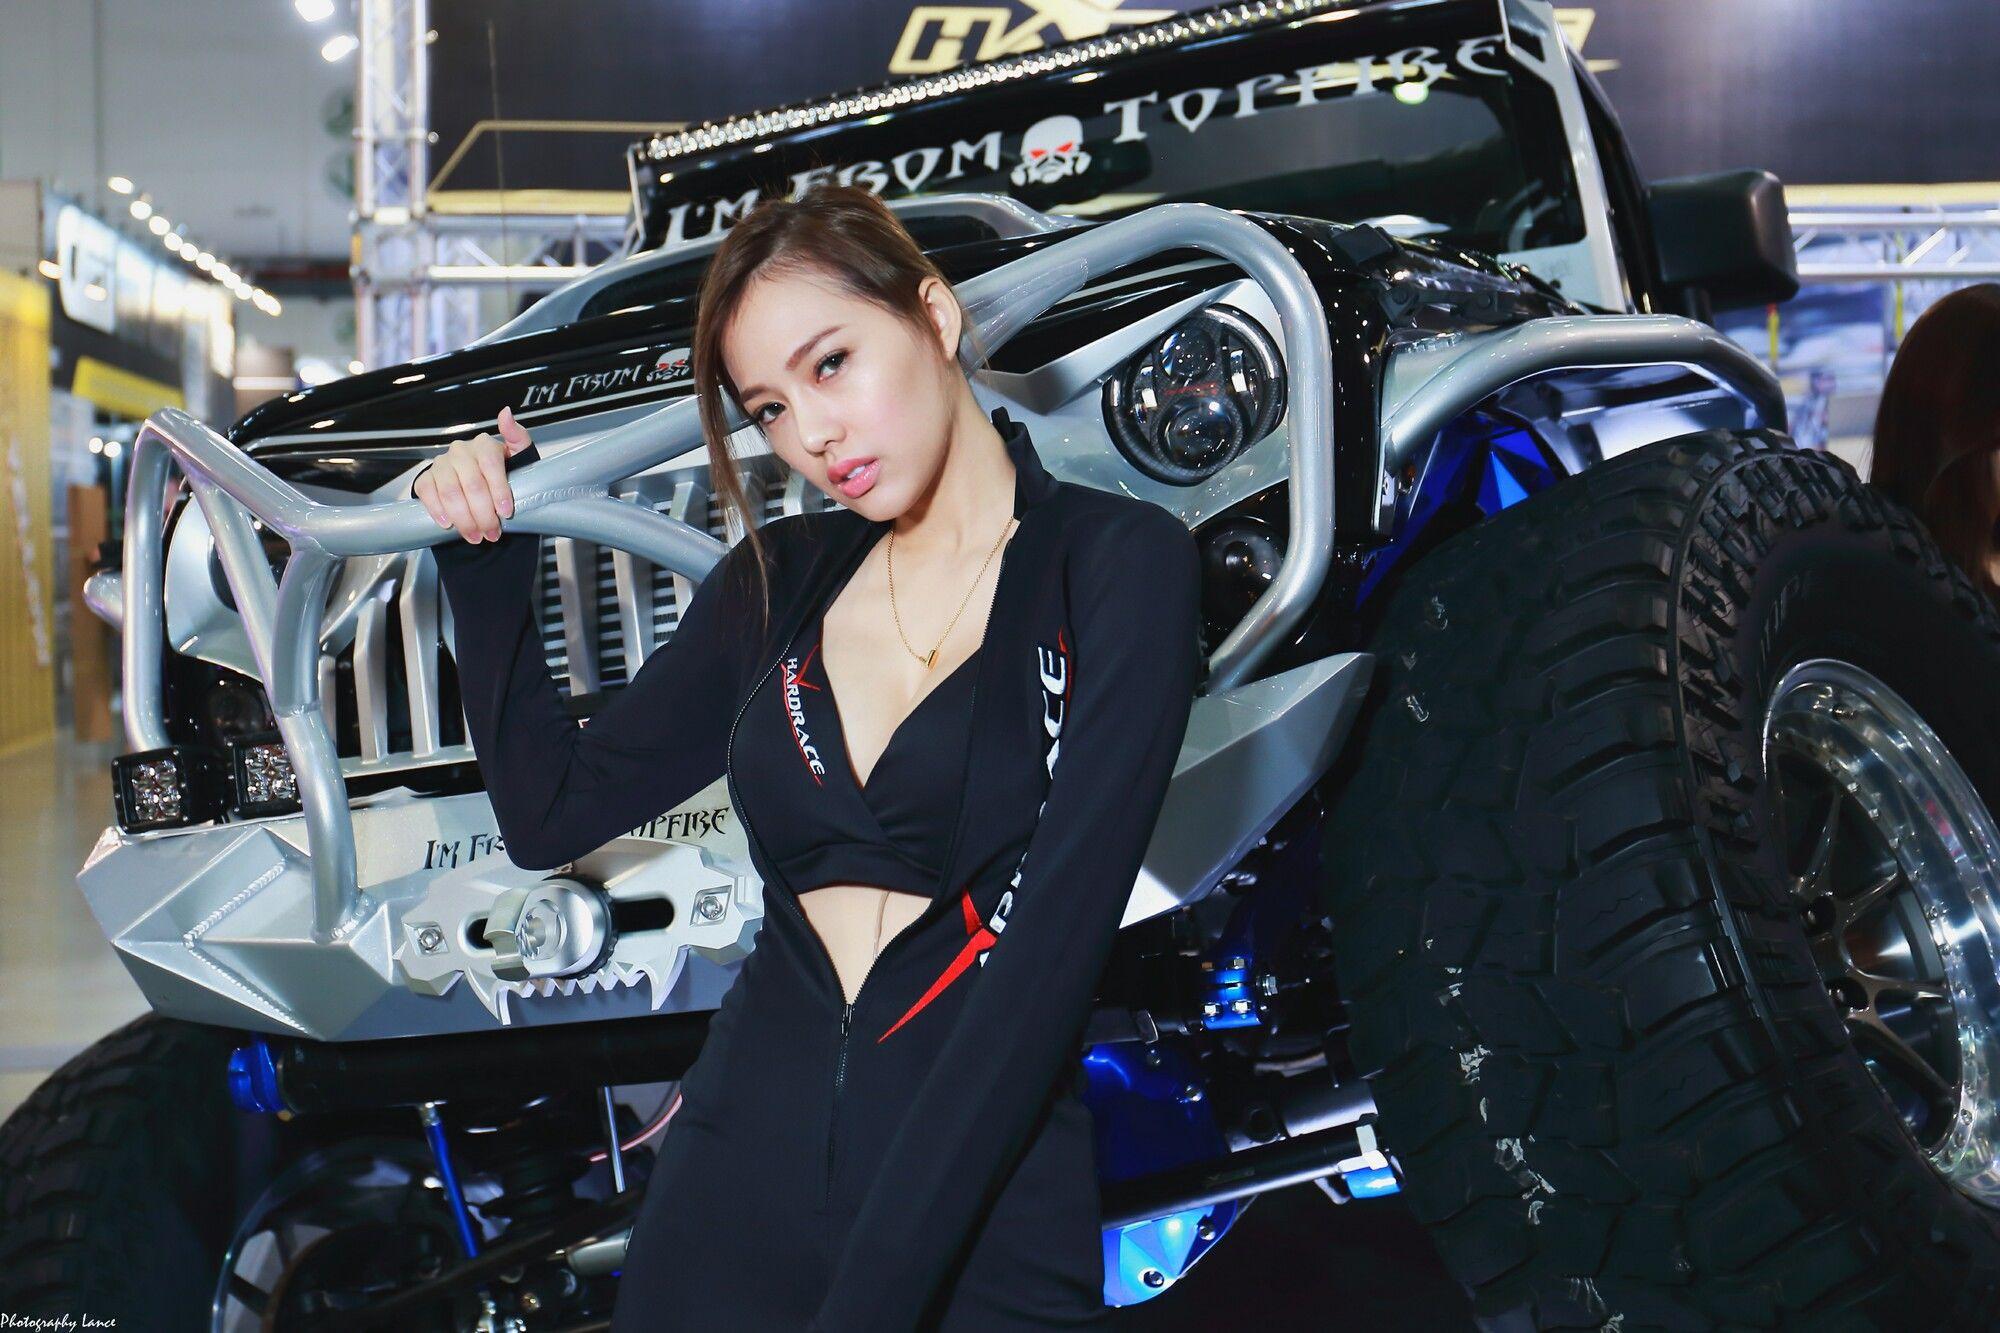 VOL.123 [台湾正妹]Show Girl车模:展台美女超高清个人性感漂亮大图(151P)